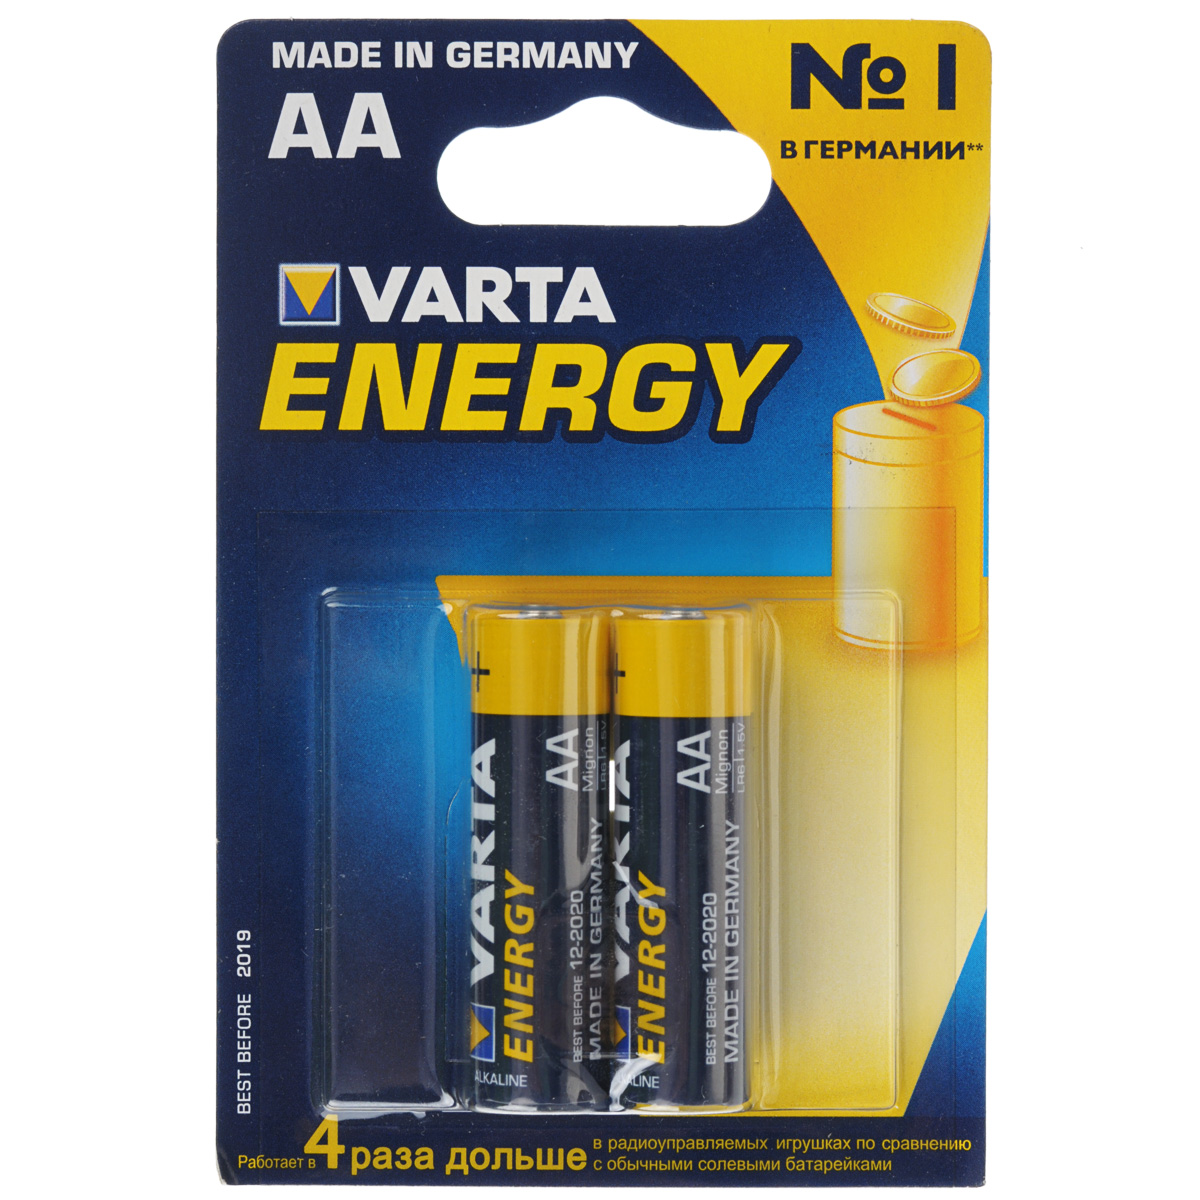 Батарейка Varta Energy, тип АА, 1,5В, 2 шт2695Алкалиновые батарейки Varta Energy отличаются долгим сроком работы, подходят для аудио- видео- техники, а также другой электроники и бытовых приборов. Сделаны из качественных материалов.